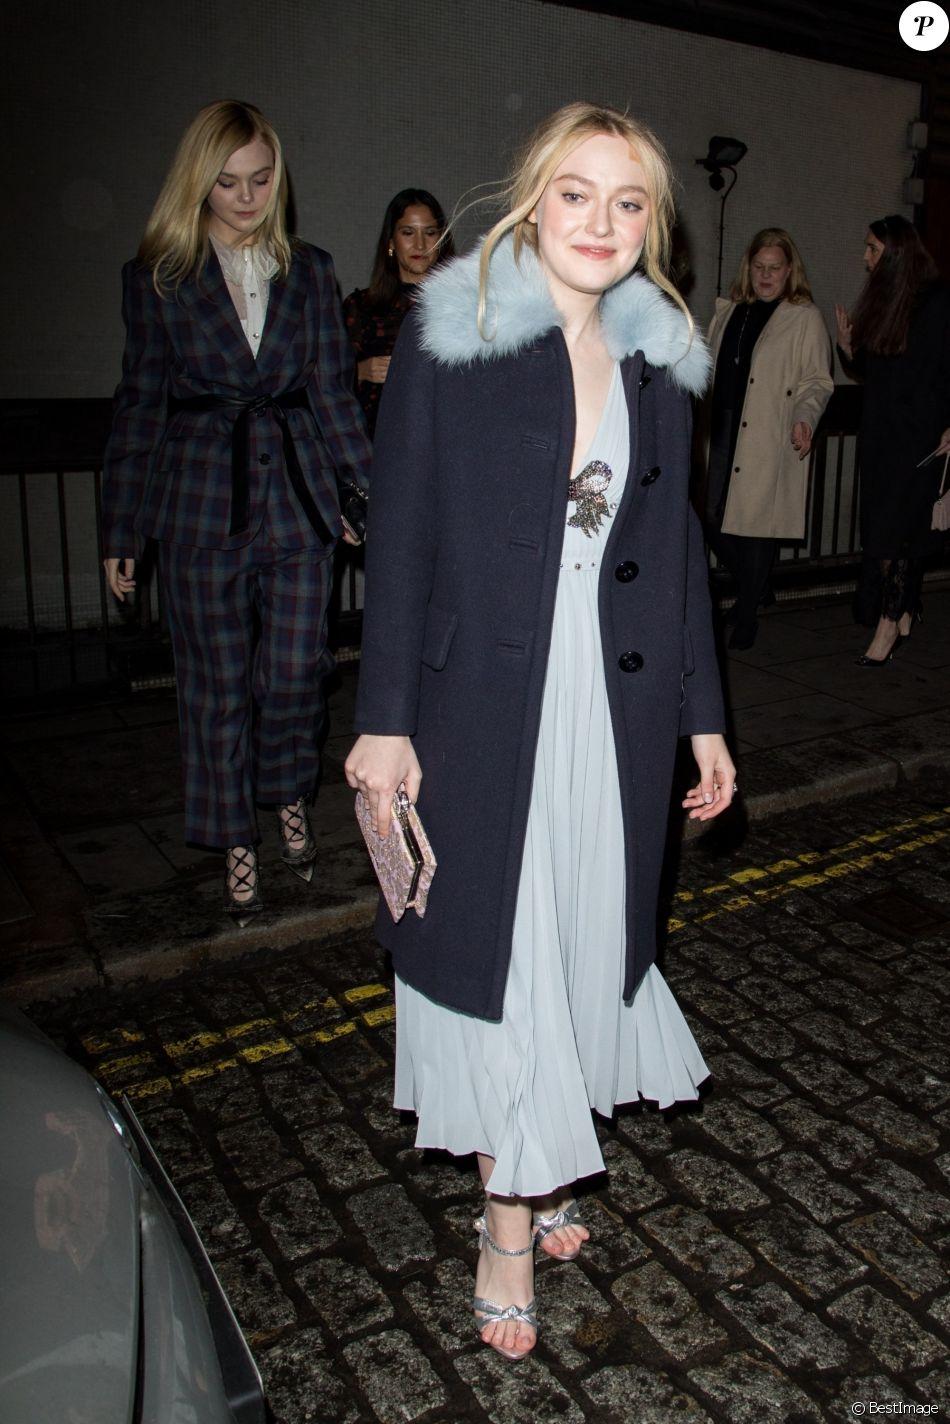 Dakota Fanning et sa soeur Elle Fanning - Soirée Miu Miu Women's Tales au club Loulou's à Londres, Royaume Uni, le 20 fevrier 2018.